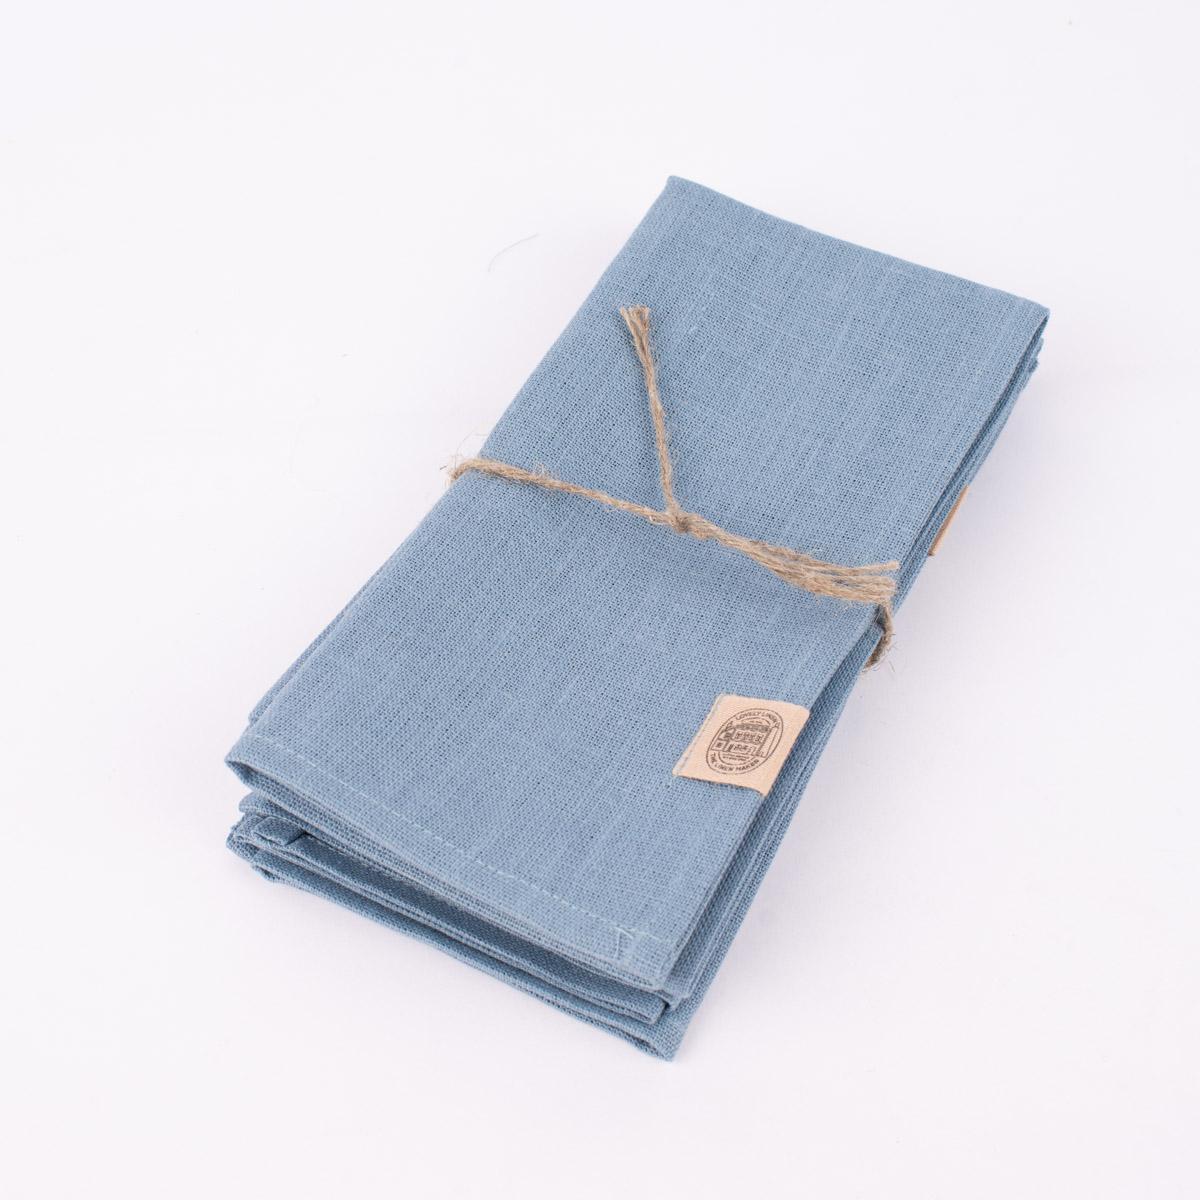 Stoffservietten Erik aus 100% Leinen 4 Stück 44x44cm blau